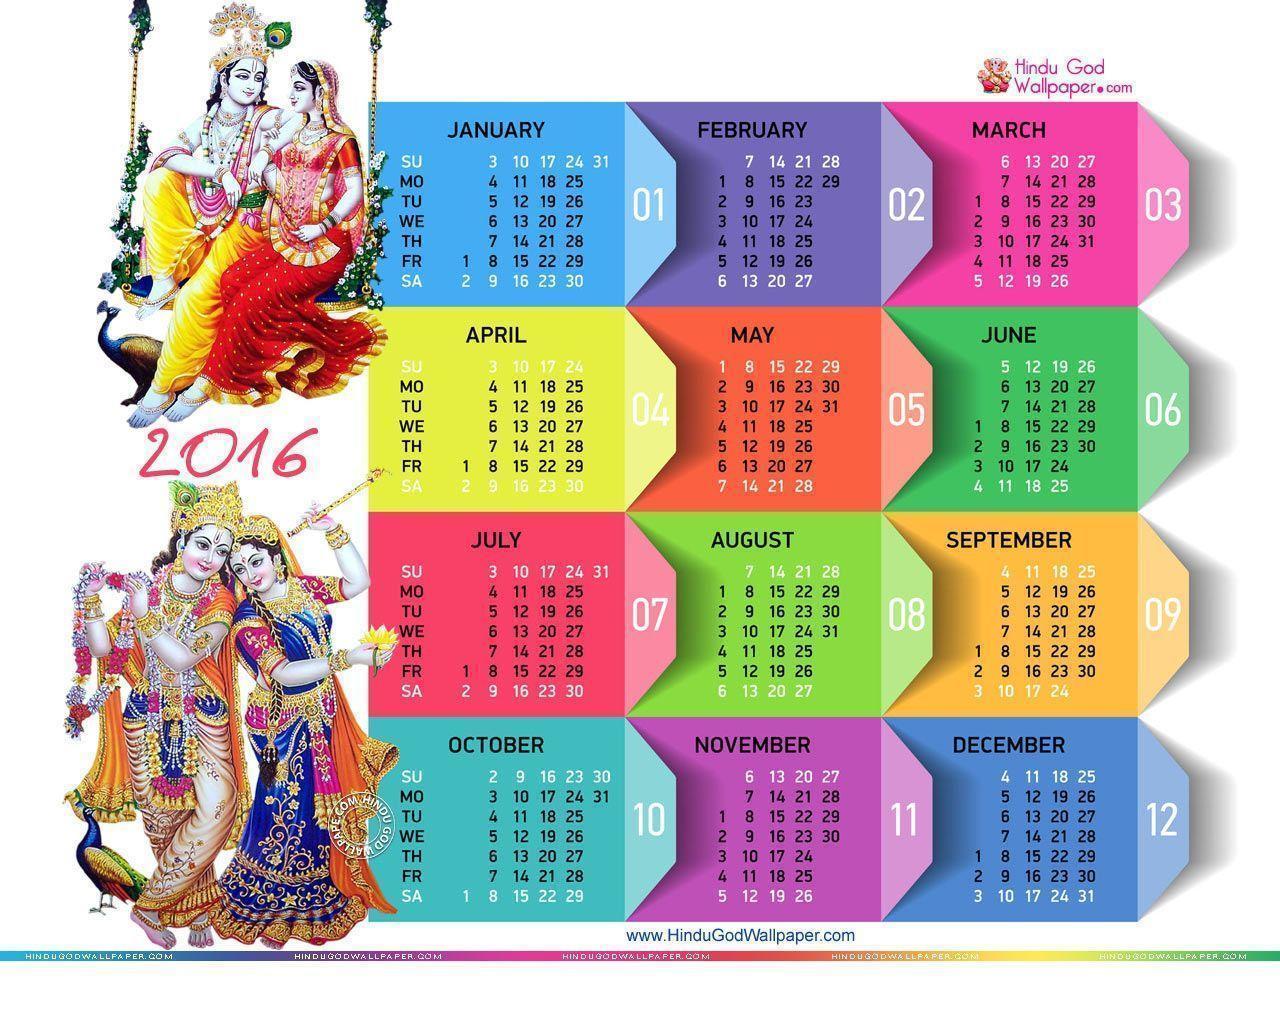 2016 Wallpaper Calendar Free -